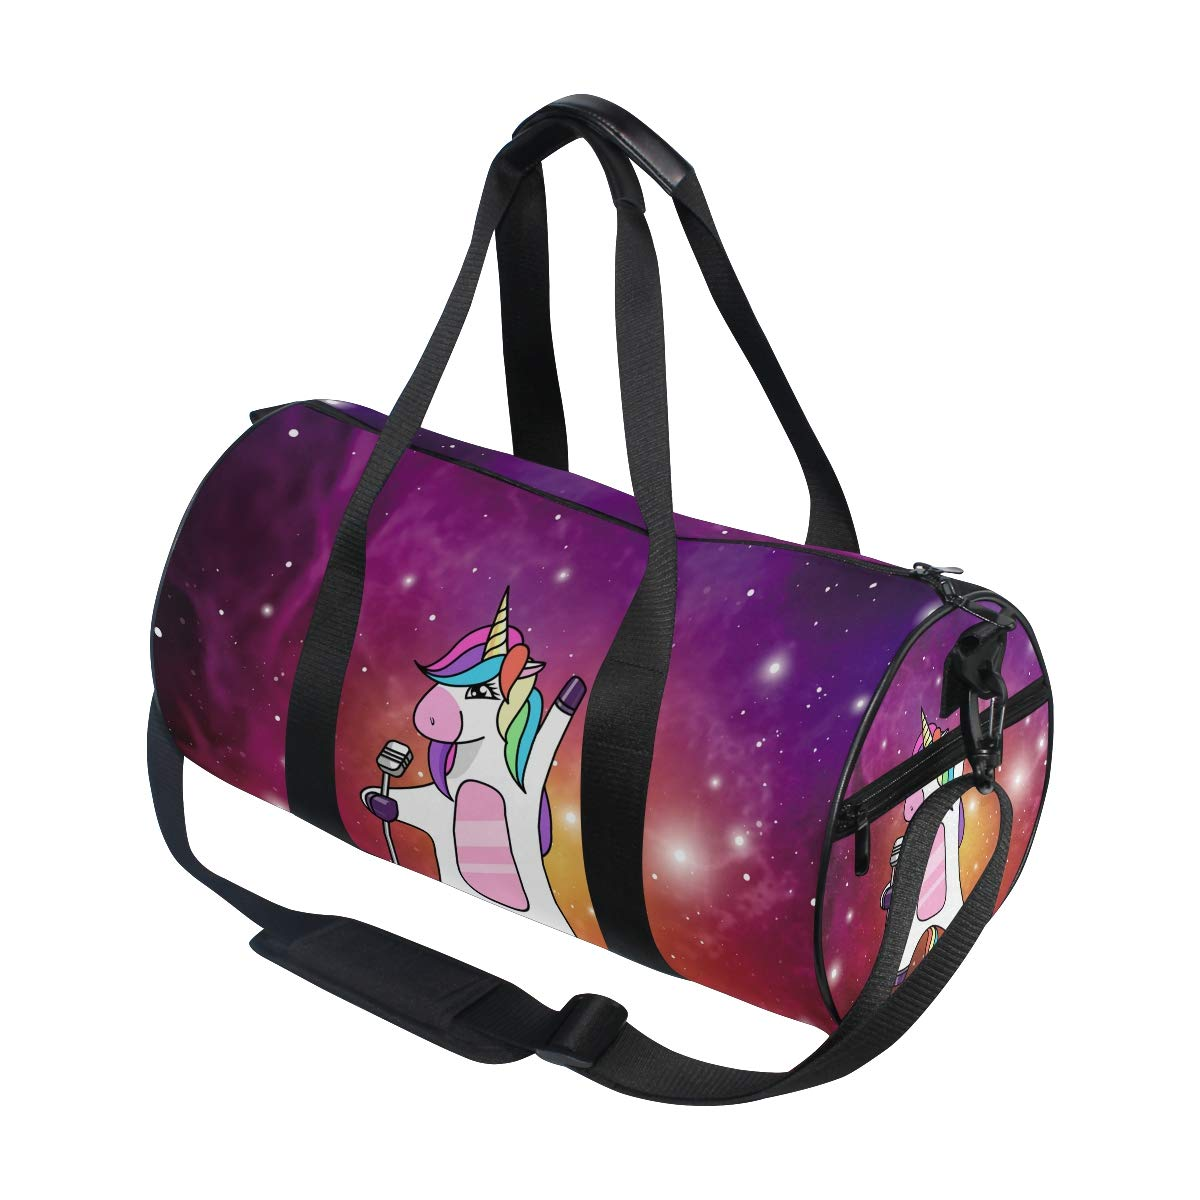 WIHVE Gym Duffel Bag Unicorn Dabbing Singing Galaxy Sports Lightweight Canvas Travel Luggage Bag